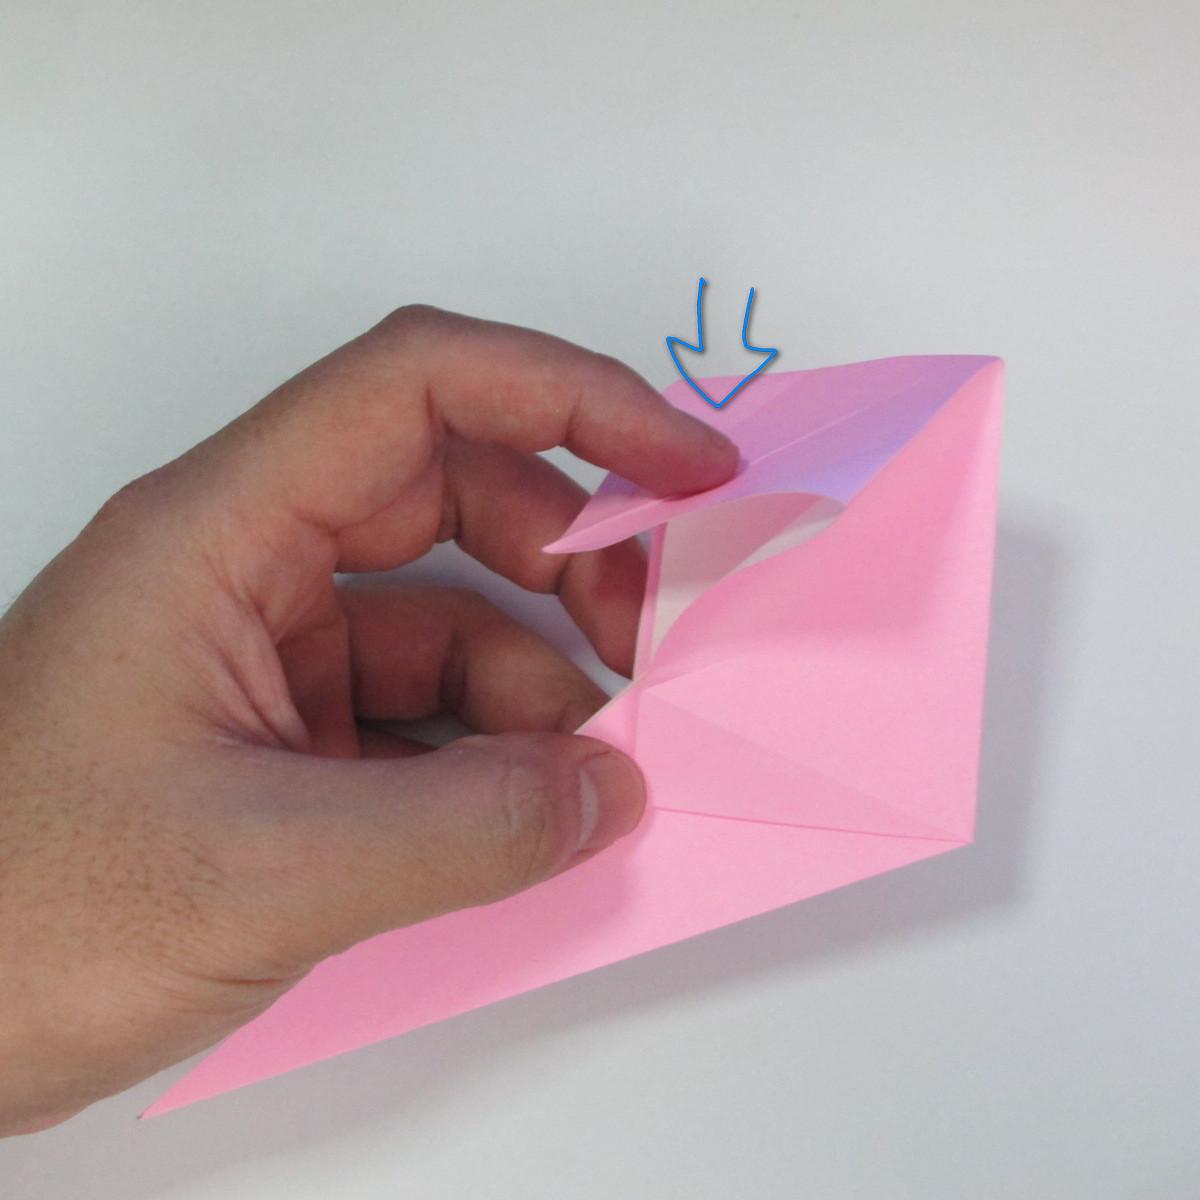 สอนการพับกระดาษเป็นลูกสุนัขชเนาเซอร์ (Origami Schnauzer Puppy) 029